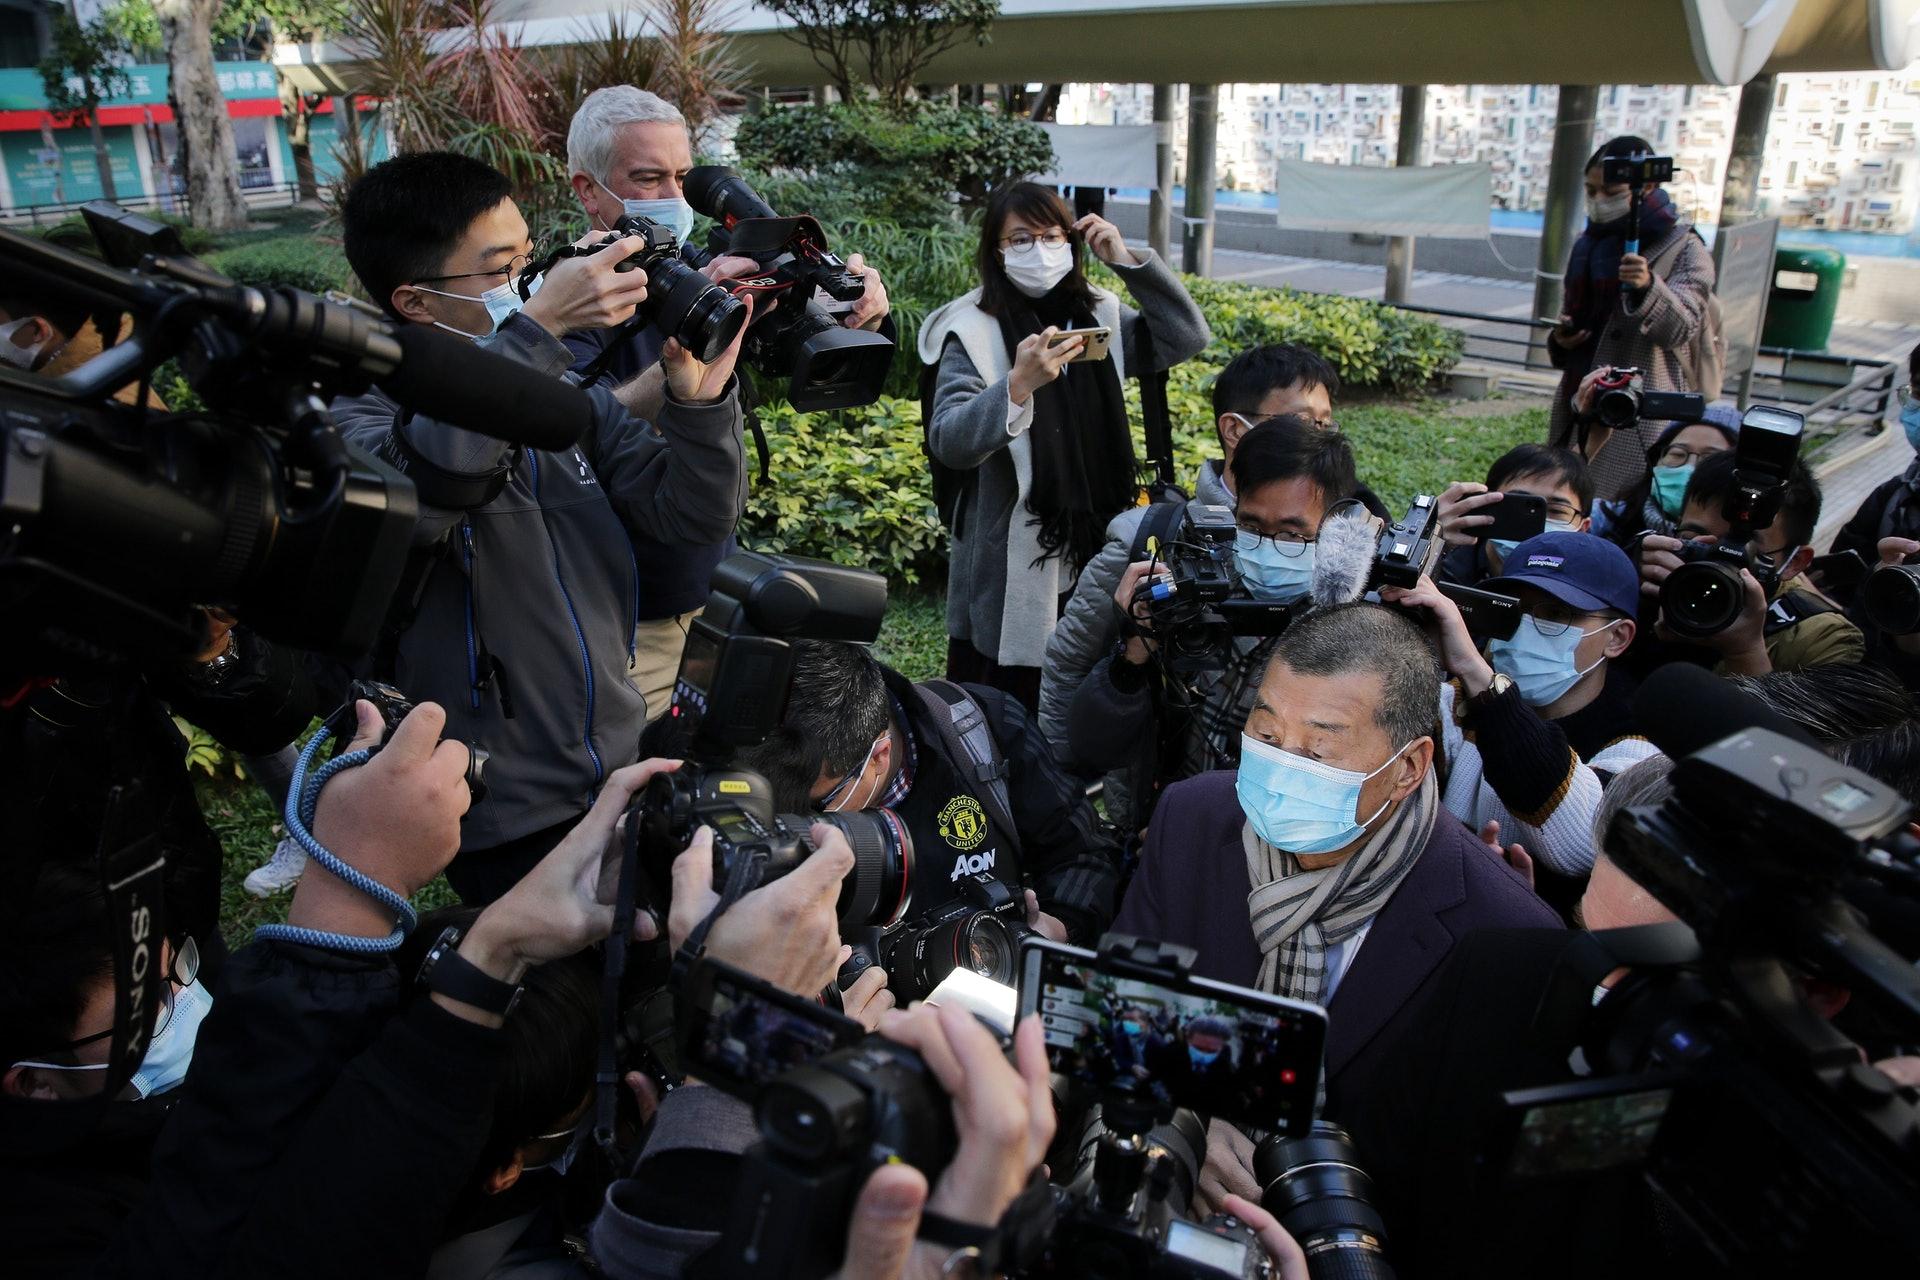 黎智英再度还押!香港终审法院批准受理律政司保释上诉申请